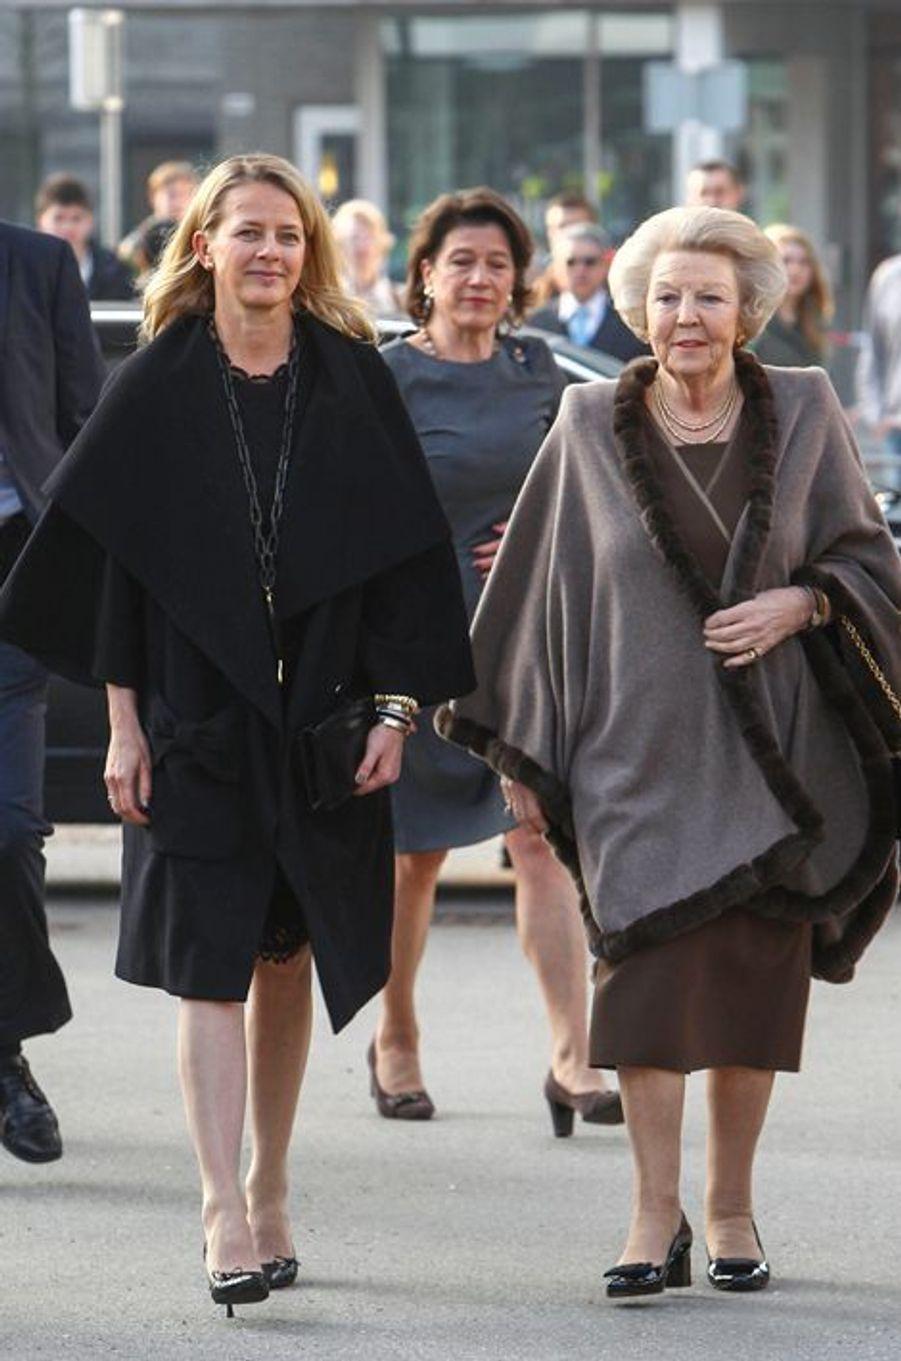 La princesse Mabel d'Orange-Nassau et l'ex-reine Beatrix des Pays-Bas à Enschede, le 18 mars 2015